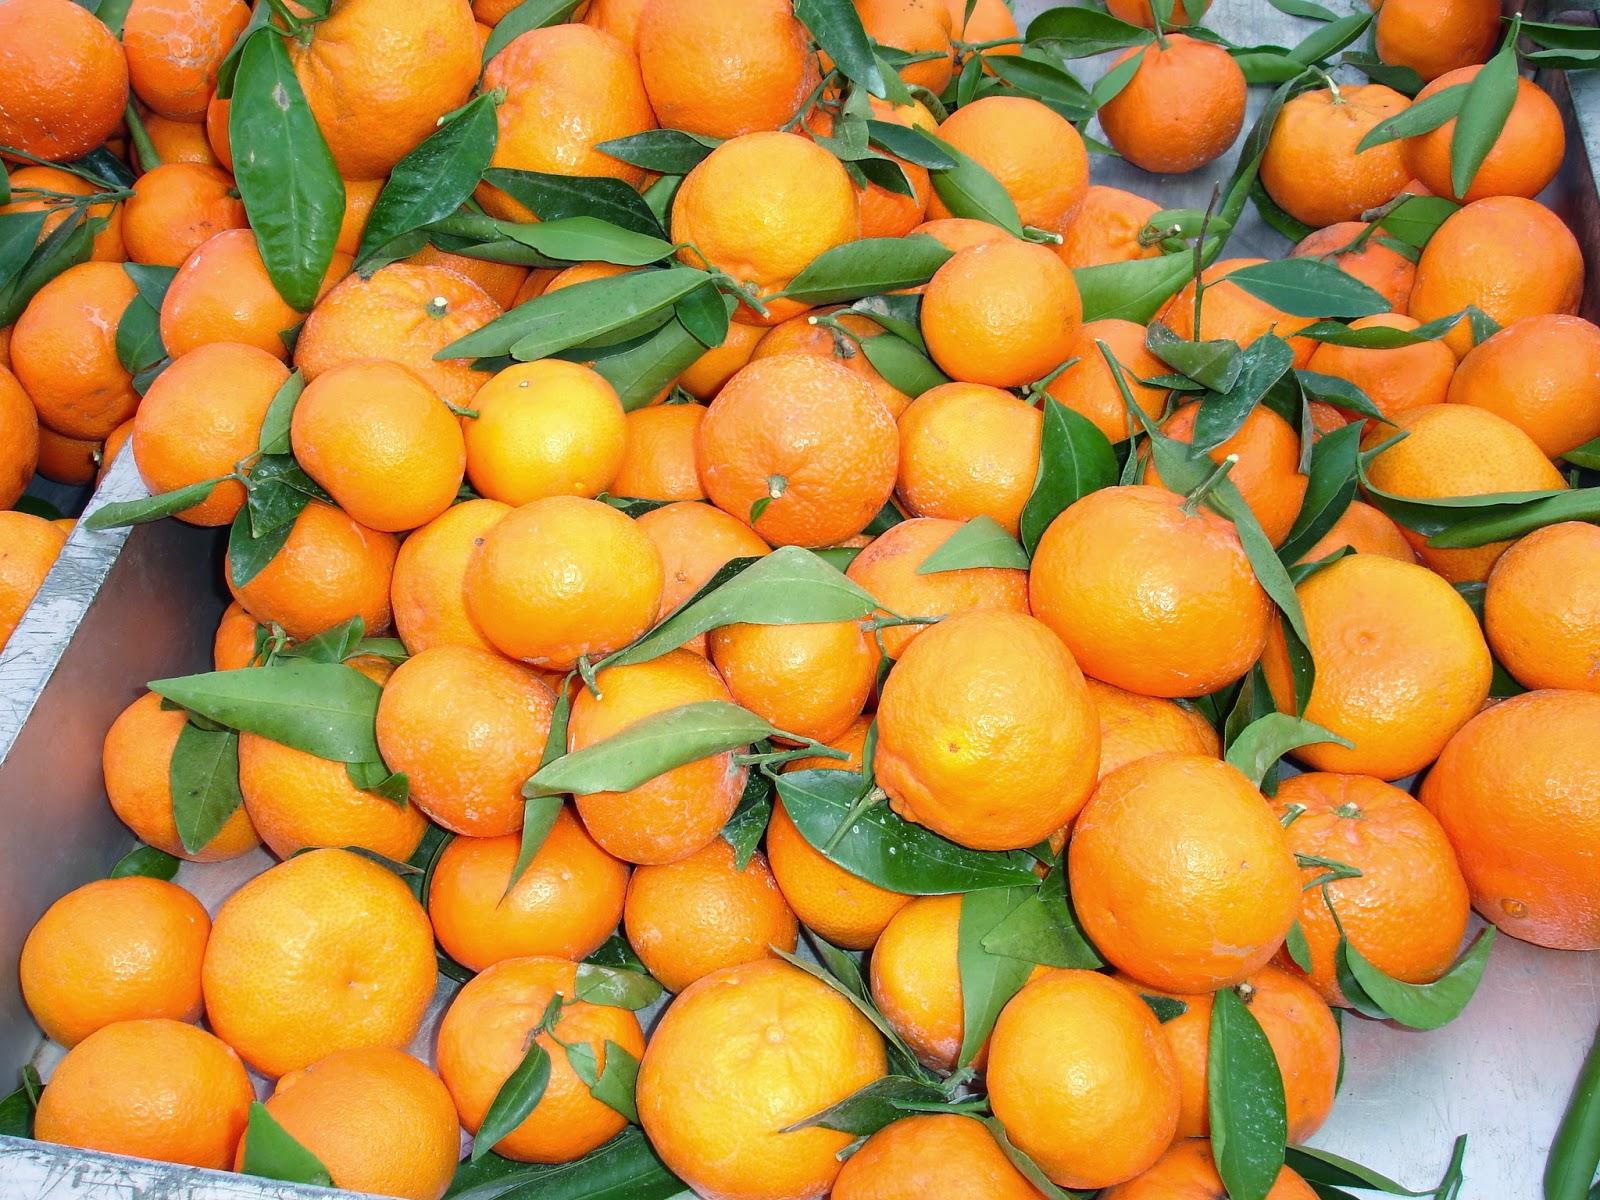 kochbuch f r max und moritz tierfreitag marokkanischer orangensalat mit datteln und mandeln. Black Bedroom Furniture Sets. Home Design Ideas